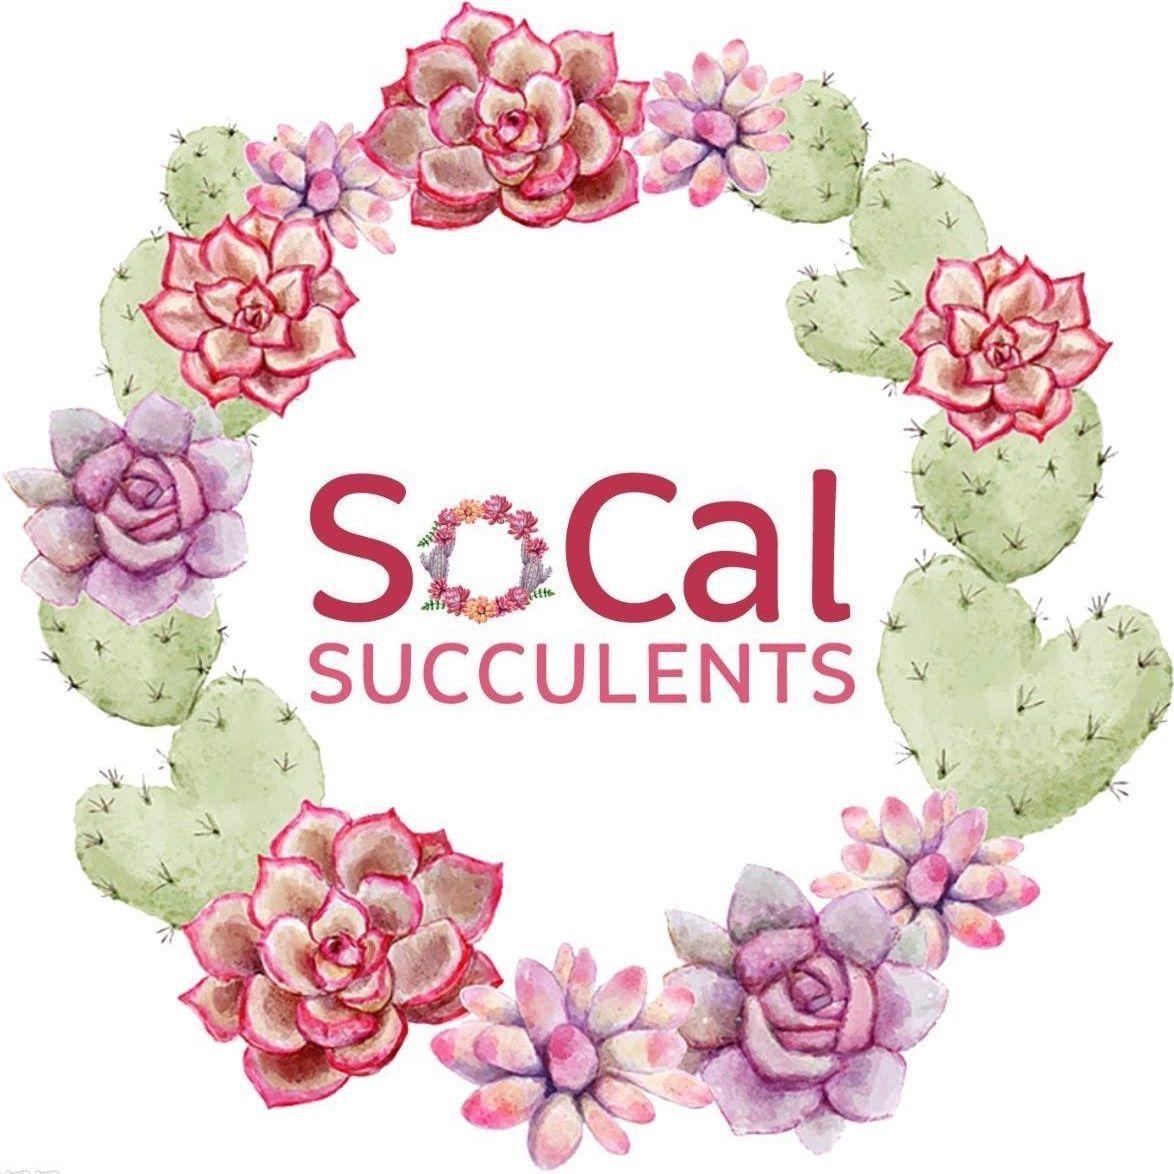 SoCal Succulents